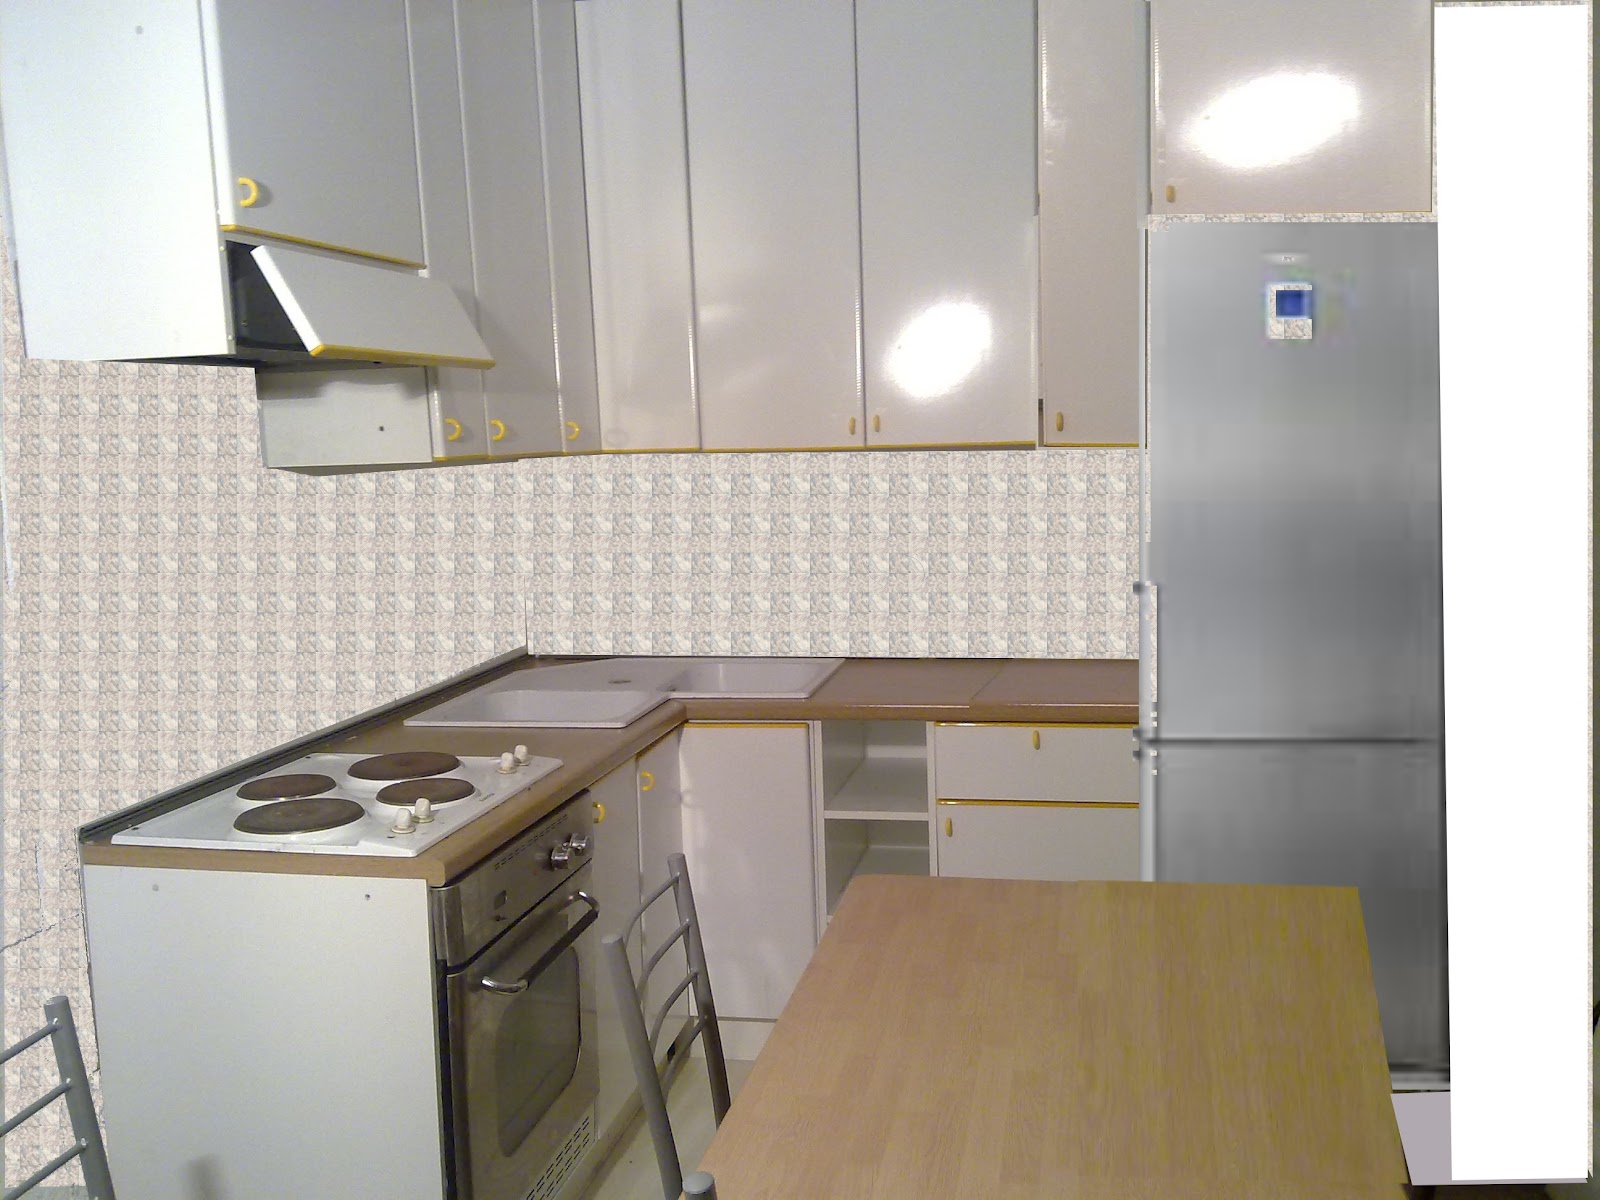 Cucine Usate Roma - DECORAZIONI PER LA CASA - Salvarlaile.com